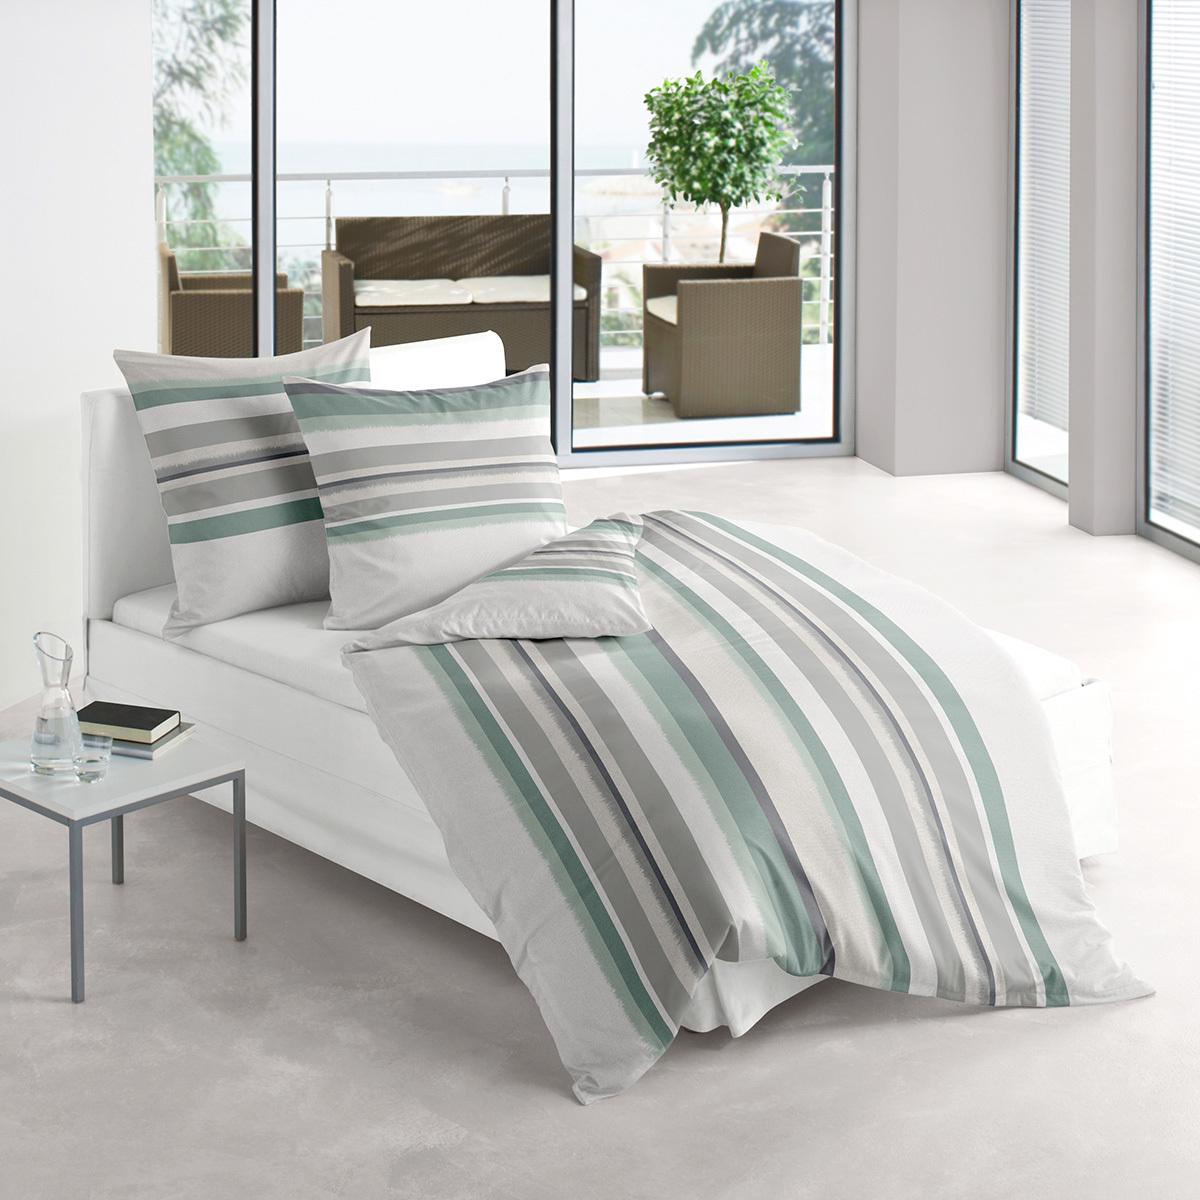 irisette jersey bettw sche luna 8679 30 g nstig online kaufen bei bettwaren shop. Black Bedroom Furniture Sets. Home Design Ideas